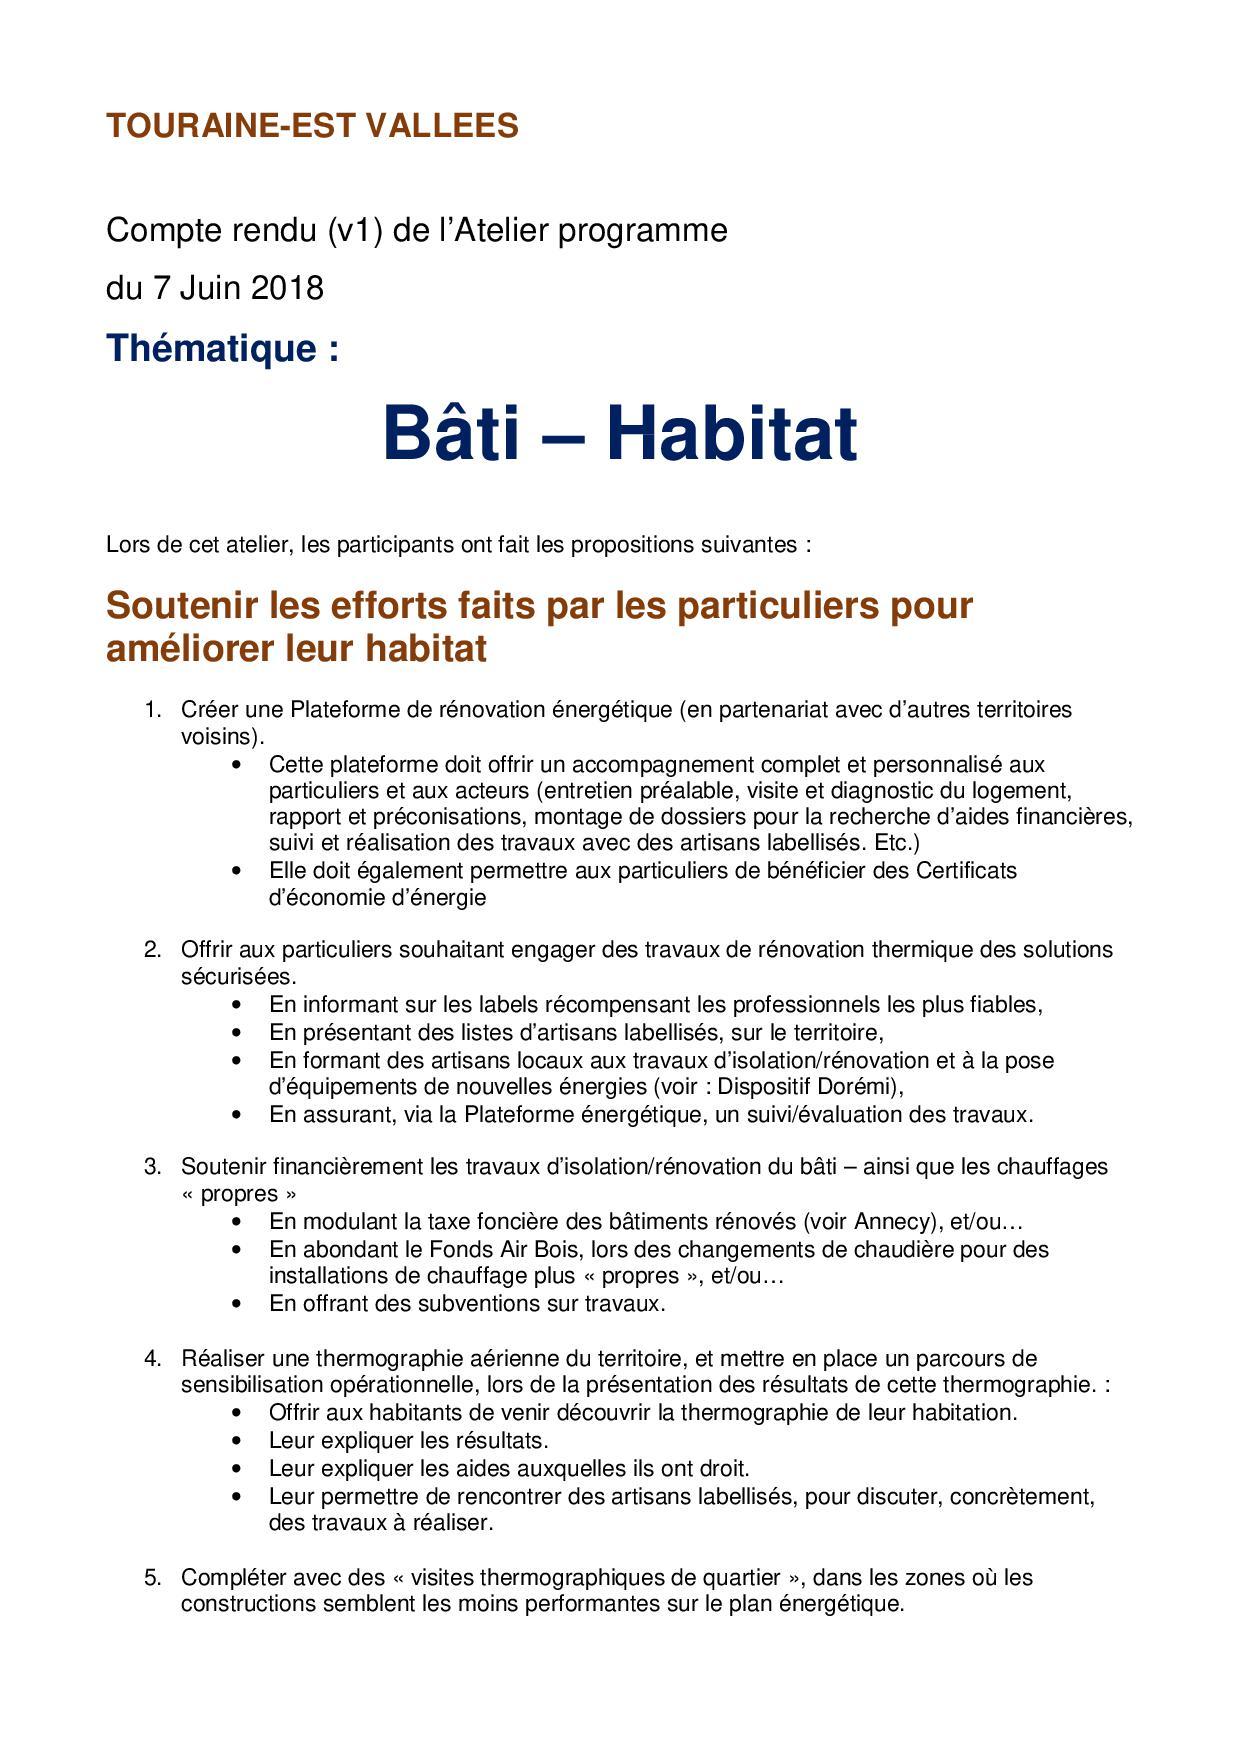 CR_Atelier_1_batiment_habitat_v11